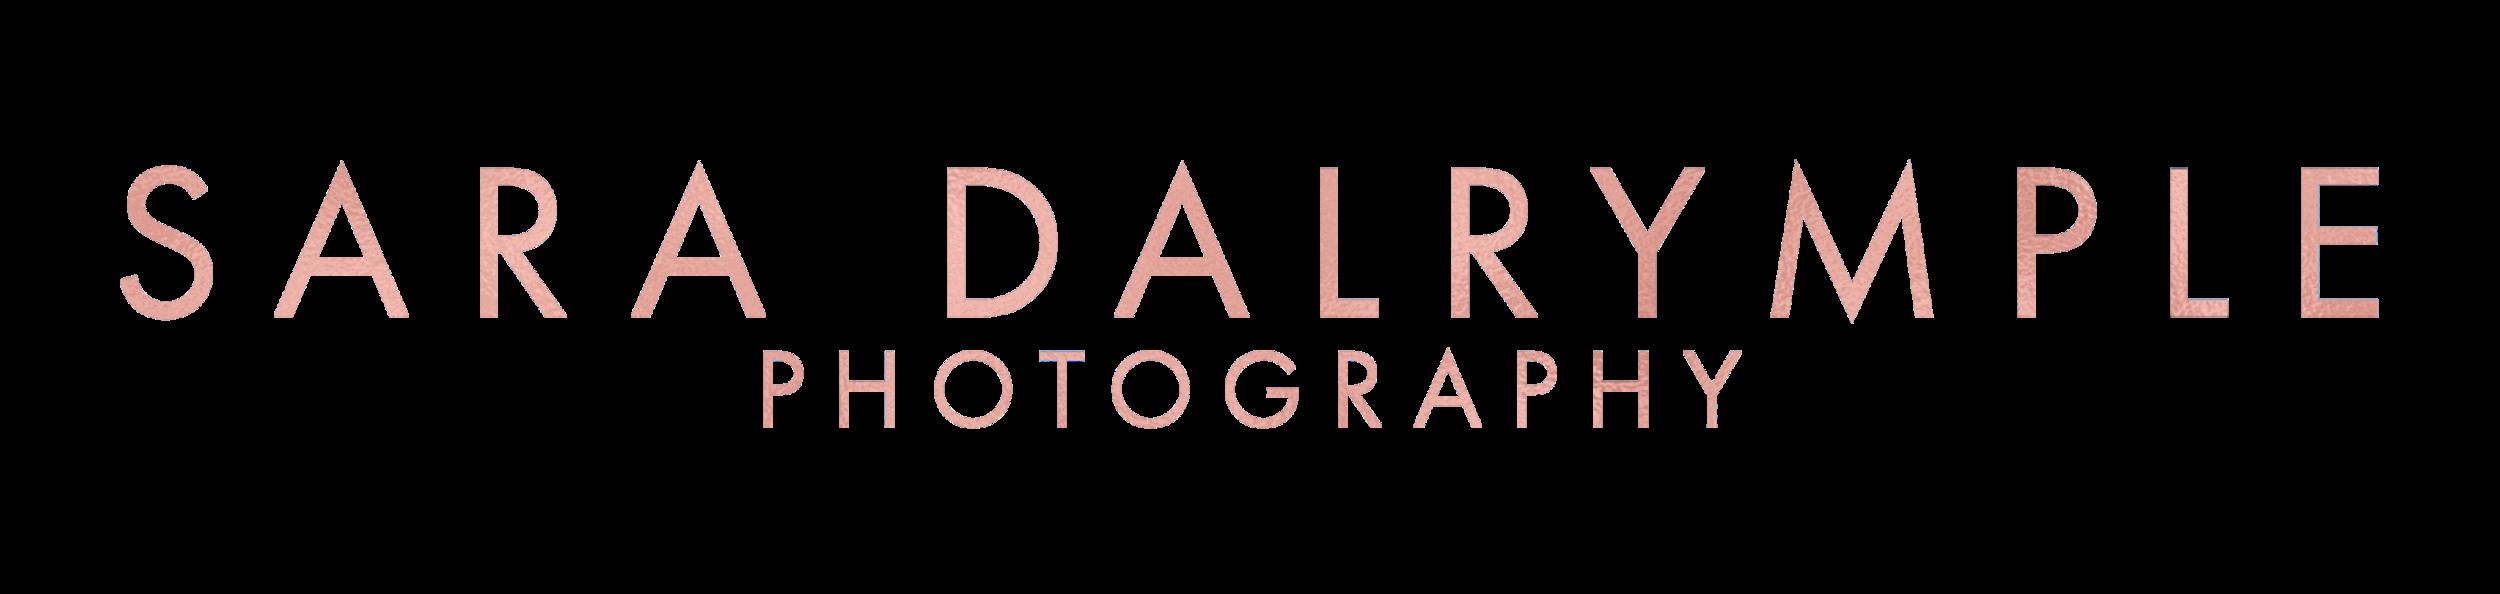 small business logo designer